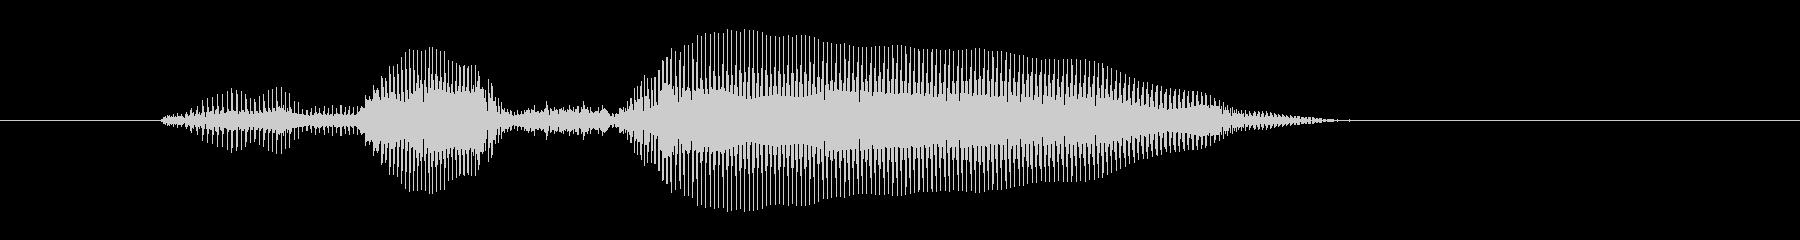 皆さん1(女性)の未再生の波形